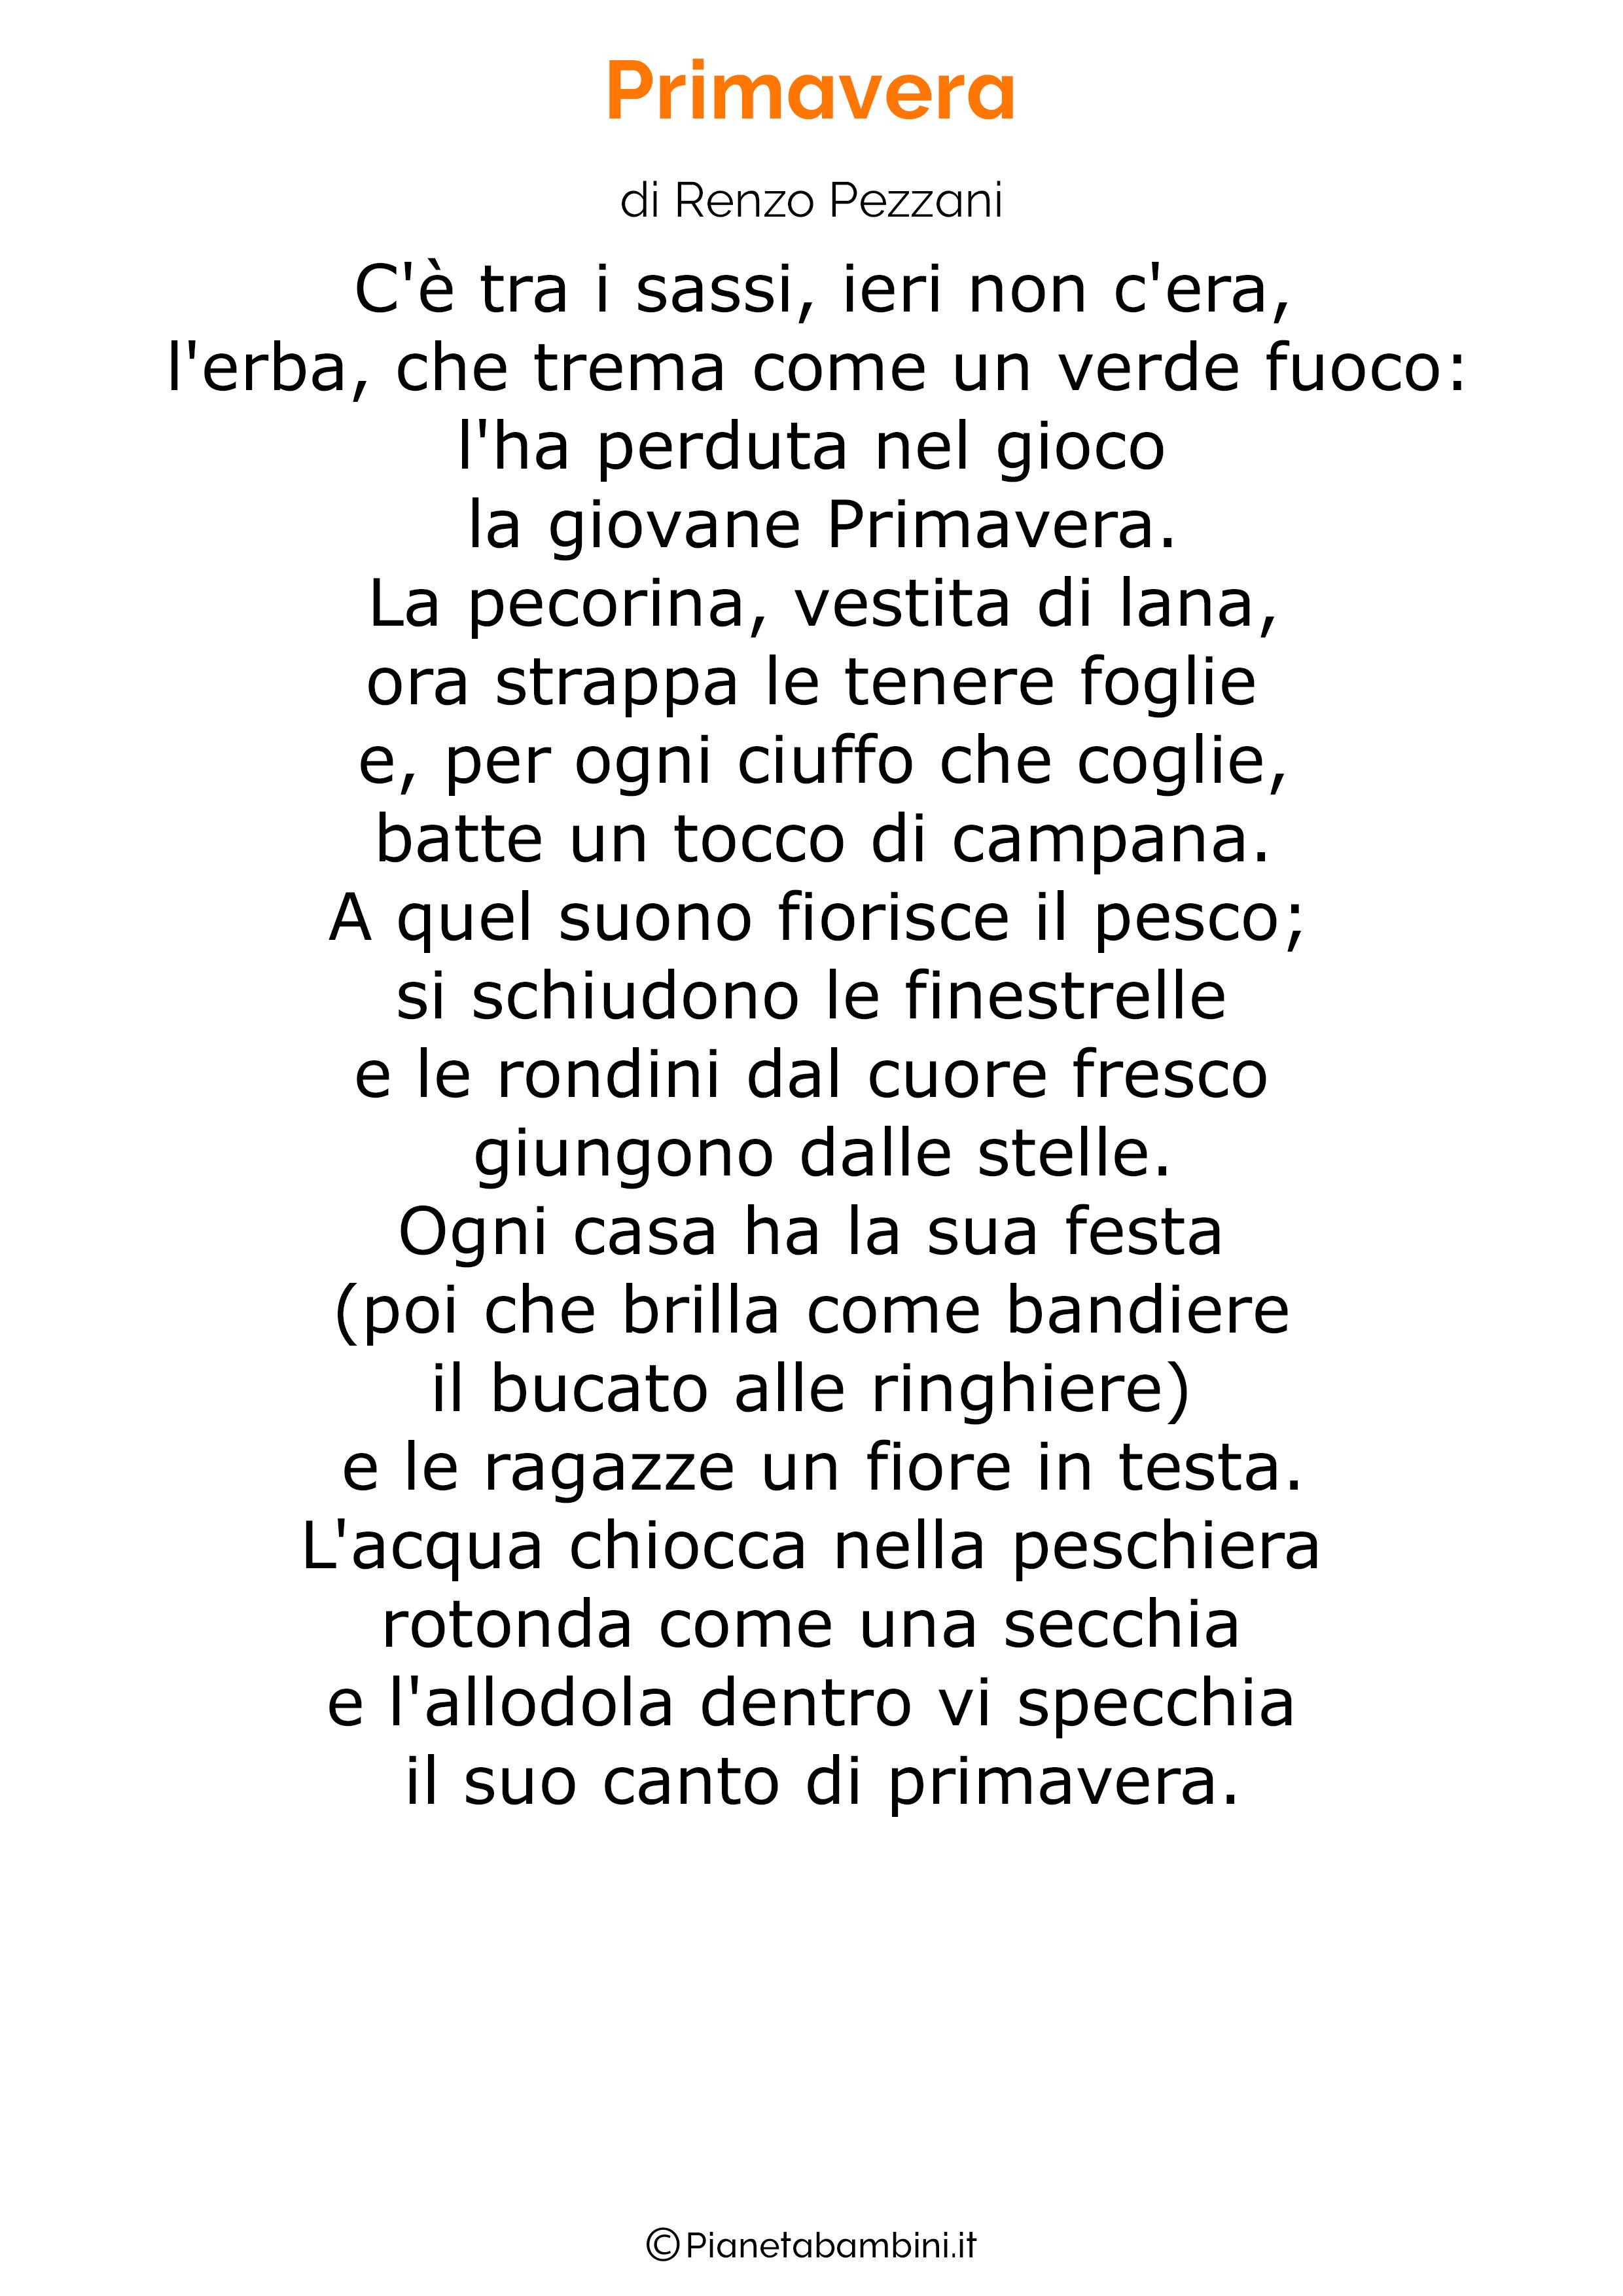 Poesia sulla Primavera 04